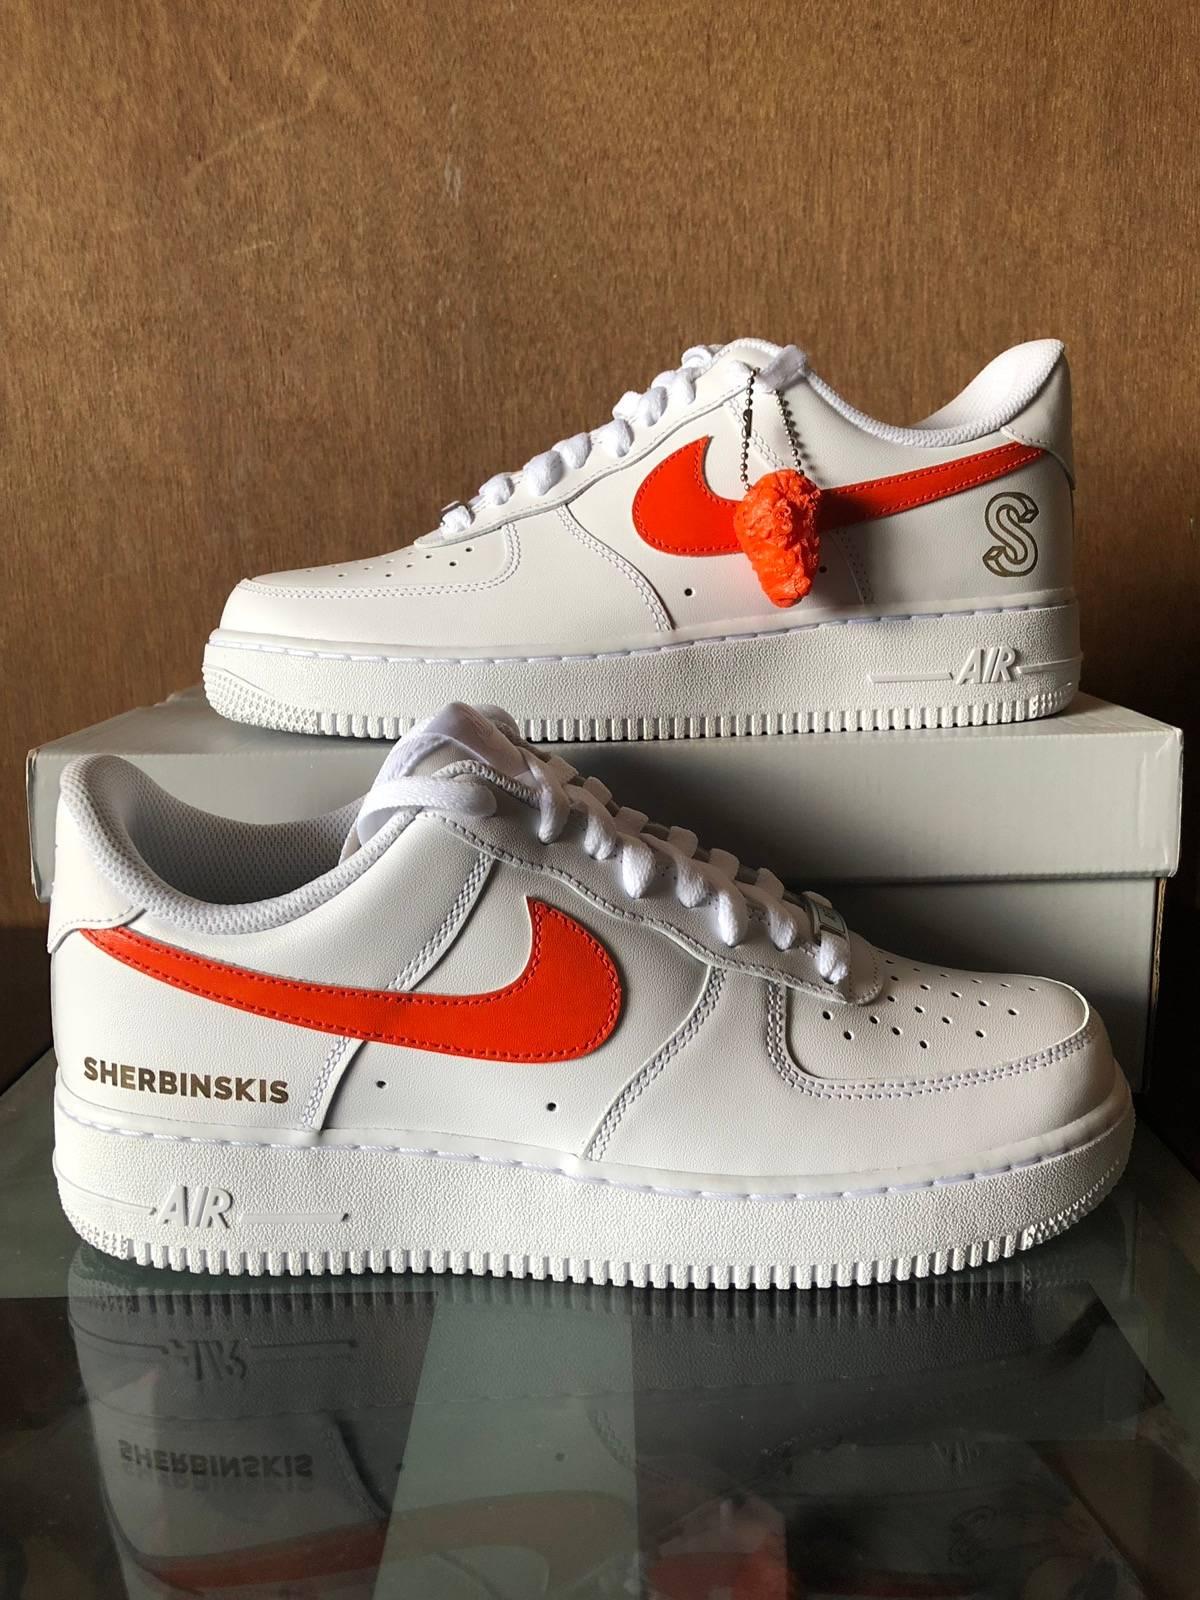 Nike Nike X Sherbinski Air Force One Size 9 $500